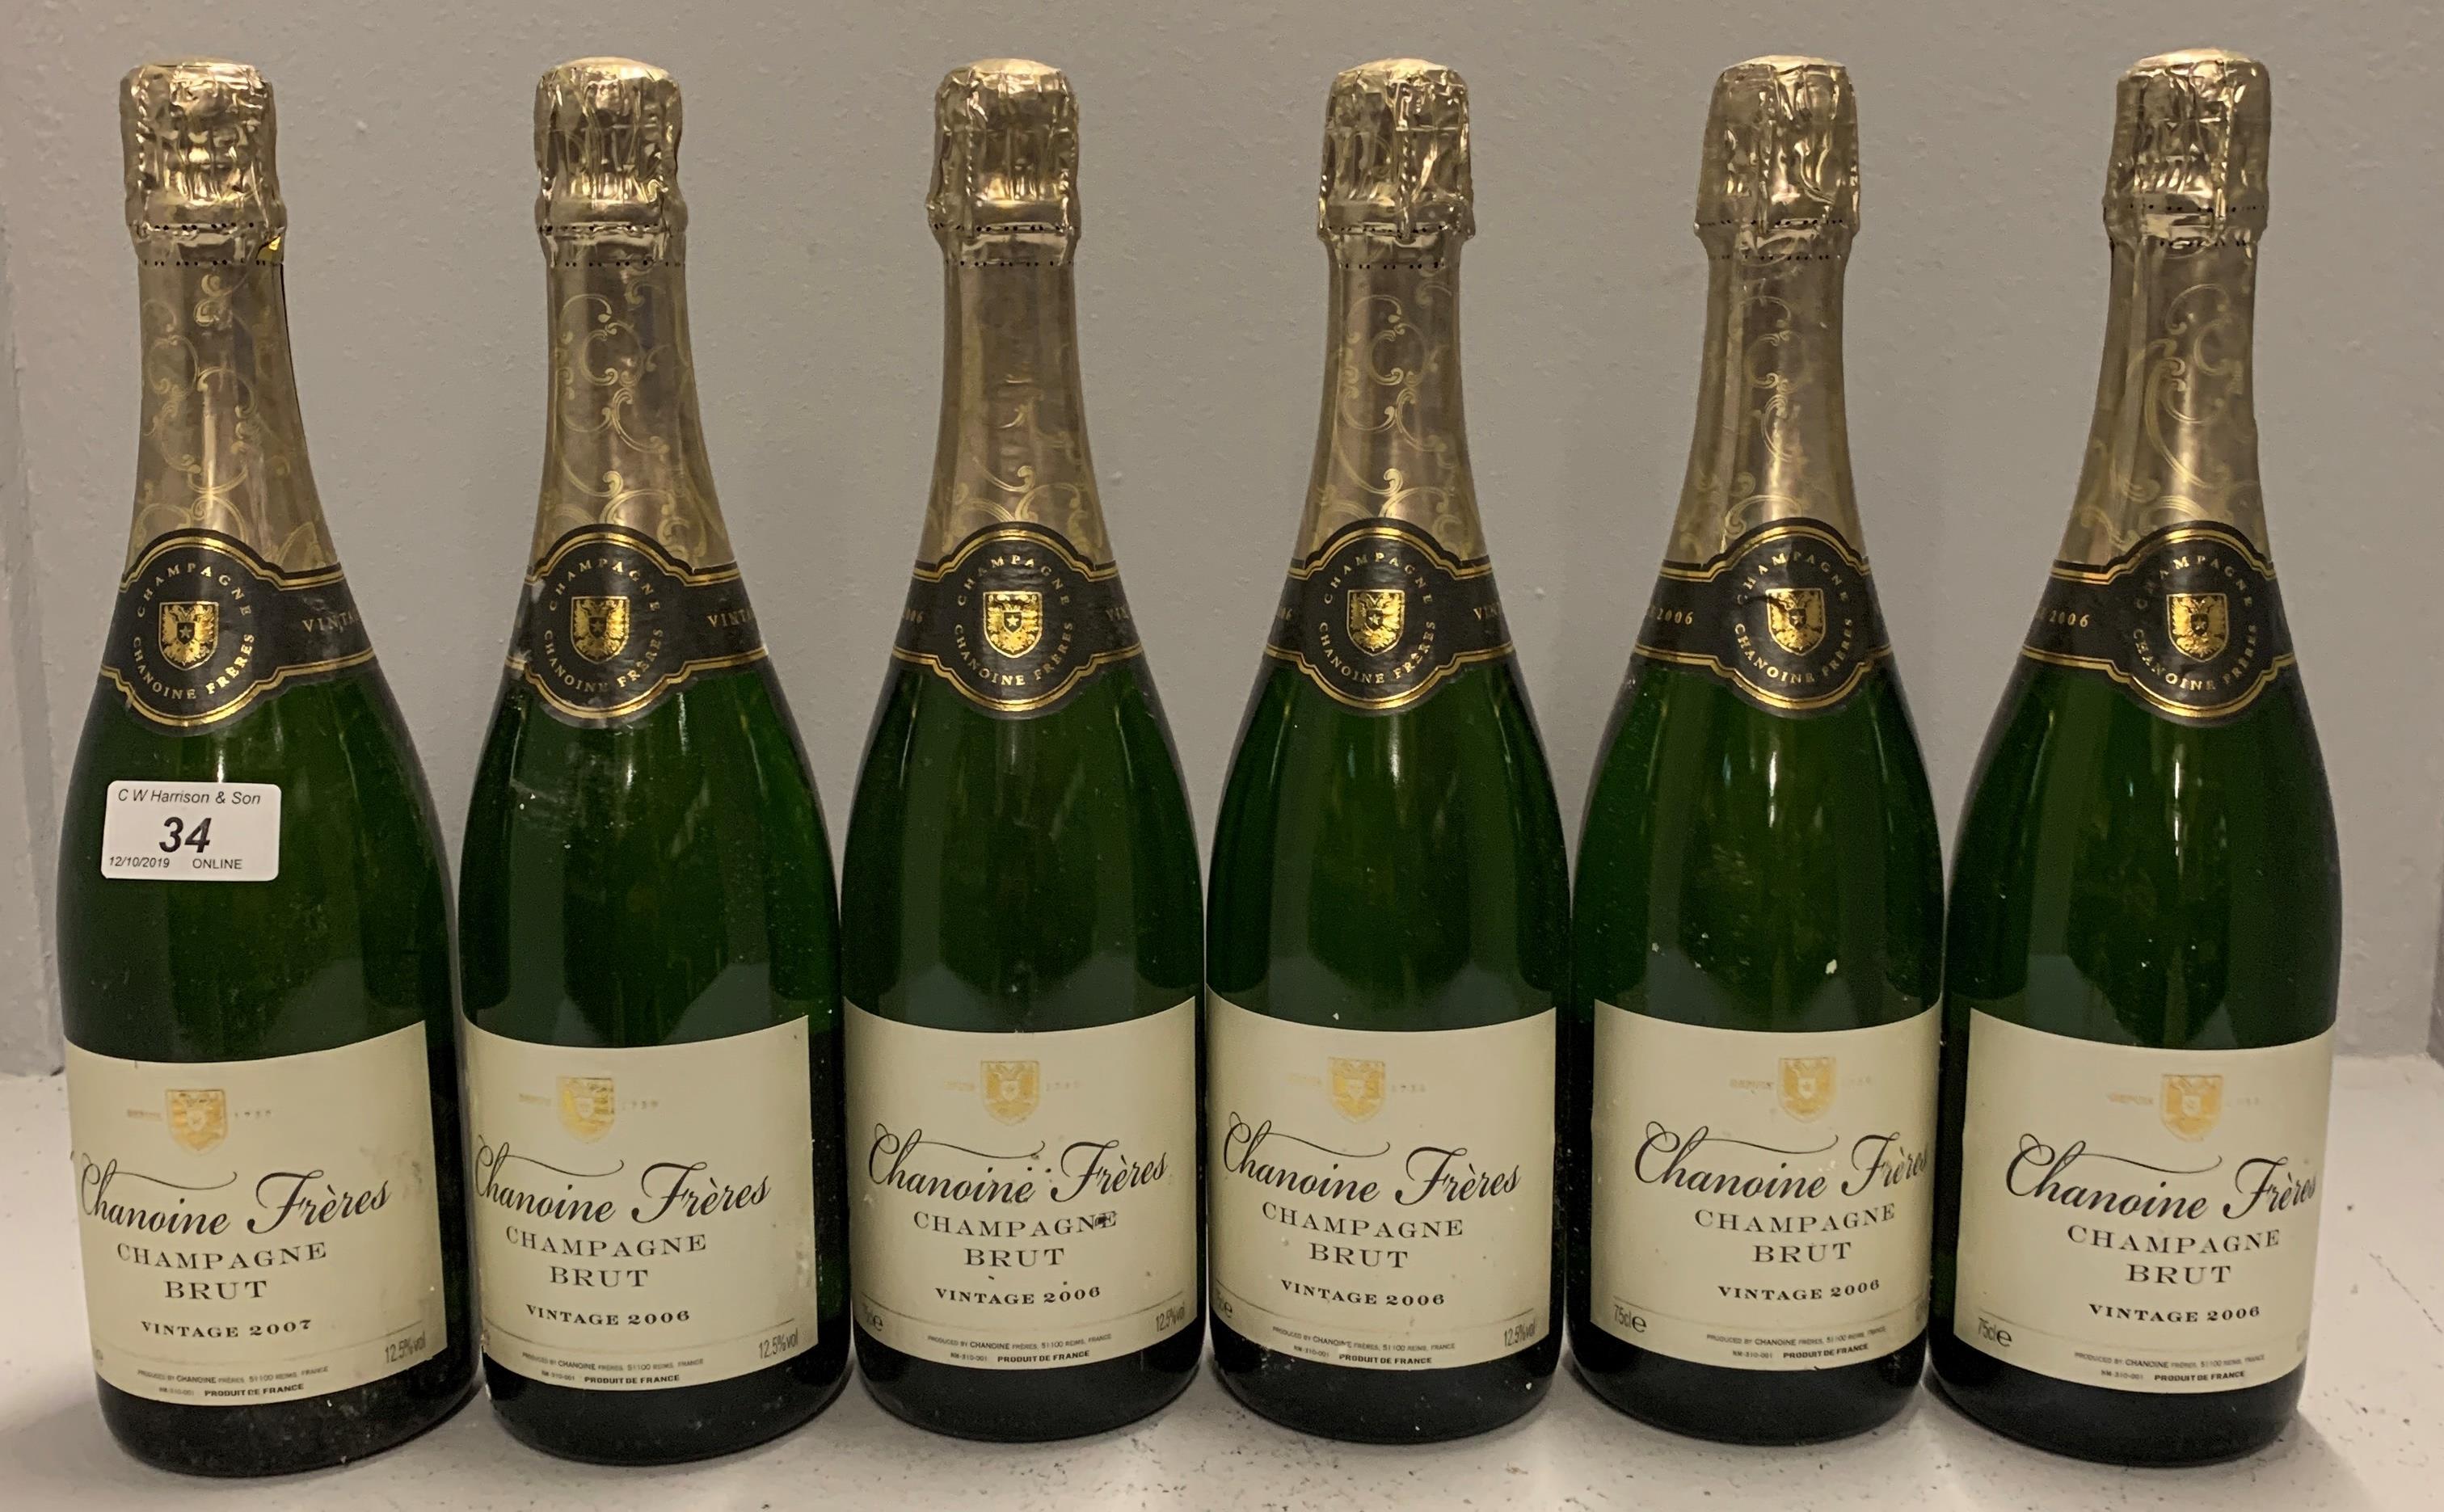 6 x 75cl bottles Chanoine Freres Champga